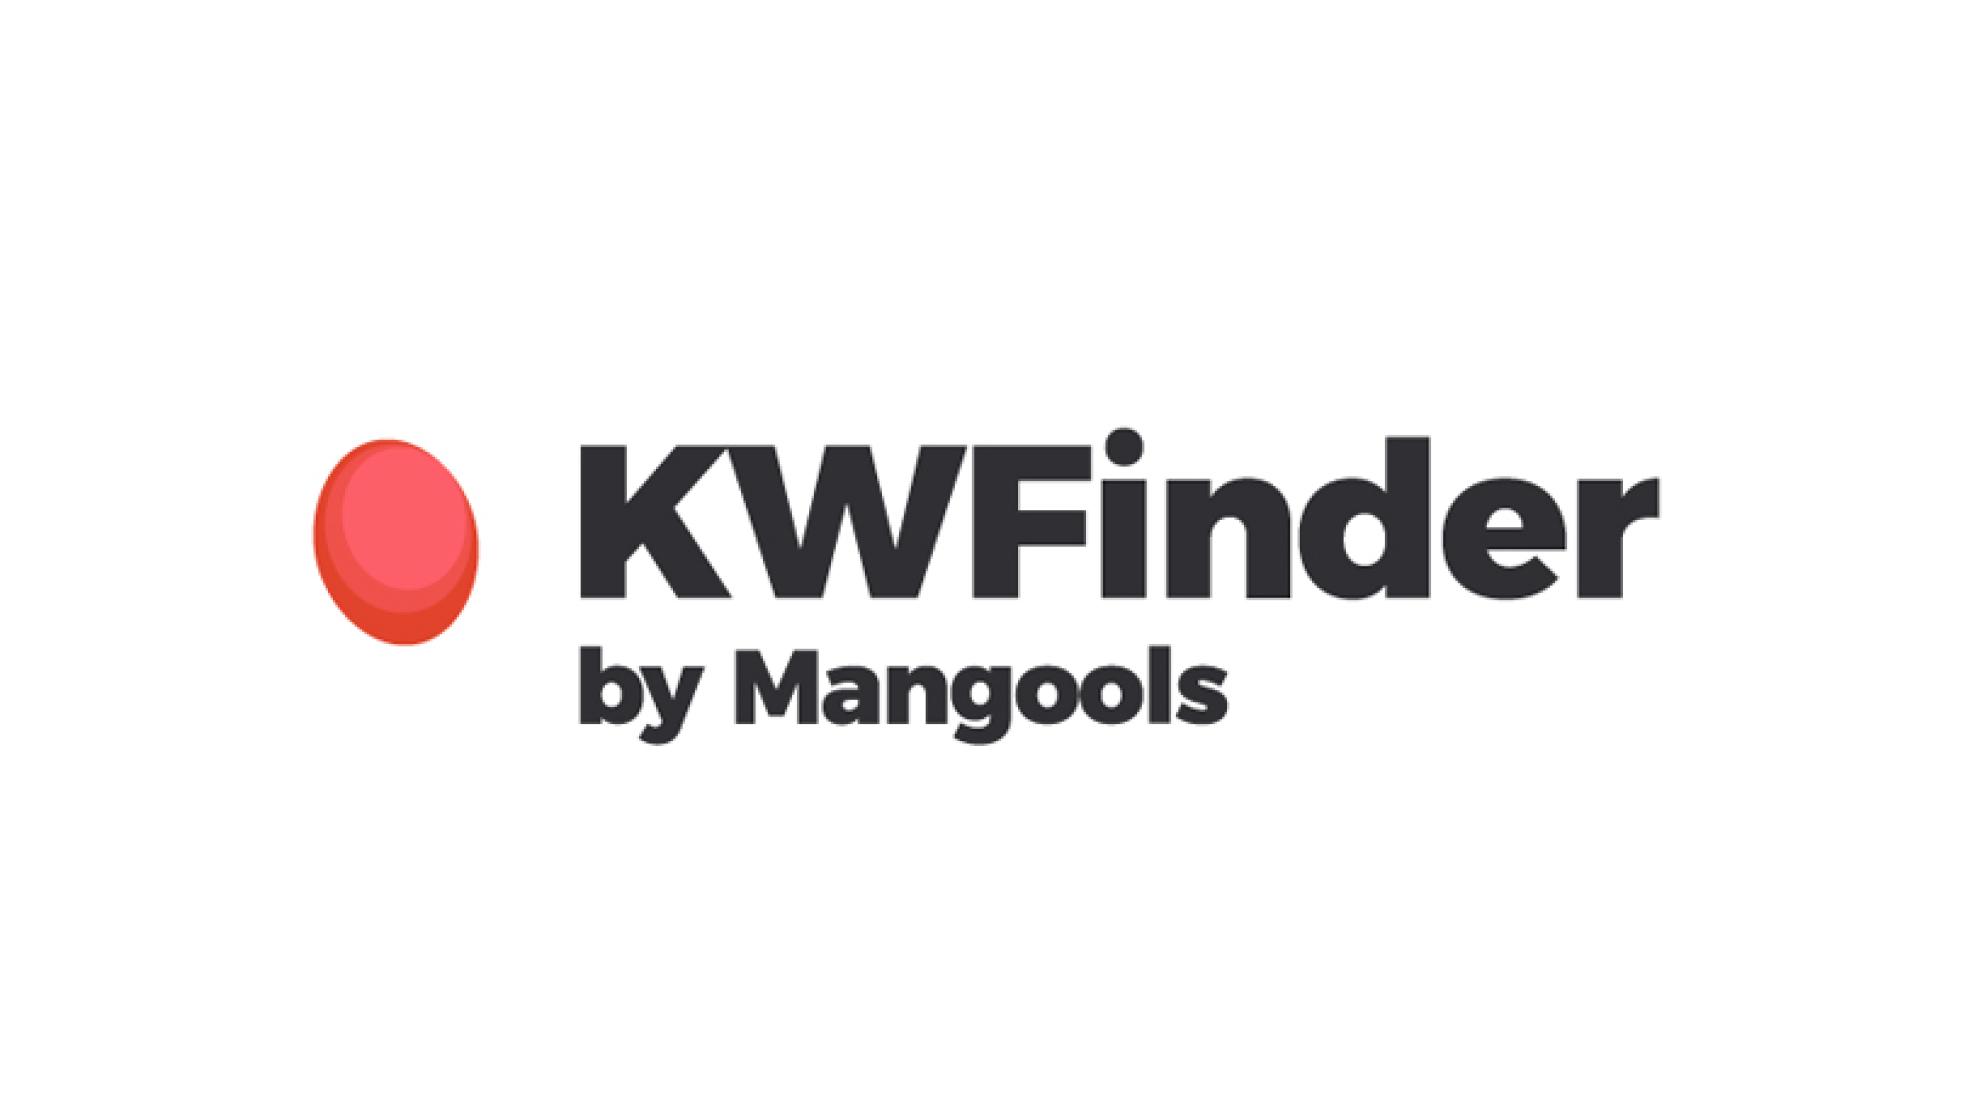 KWFinder - Best Online Marketing Tools in 2021